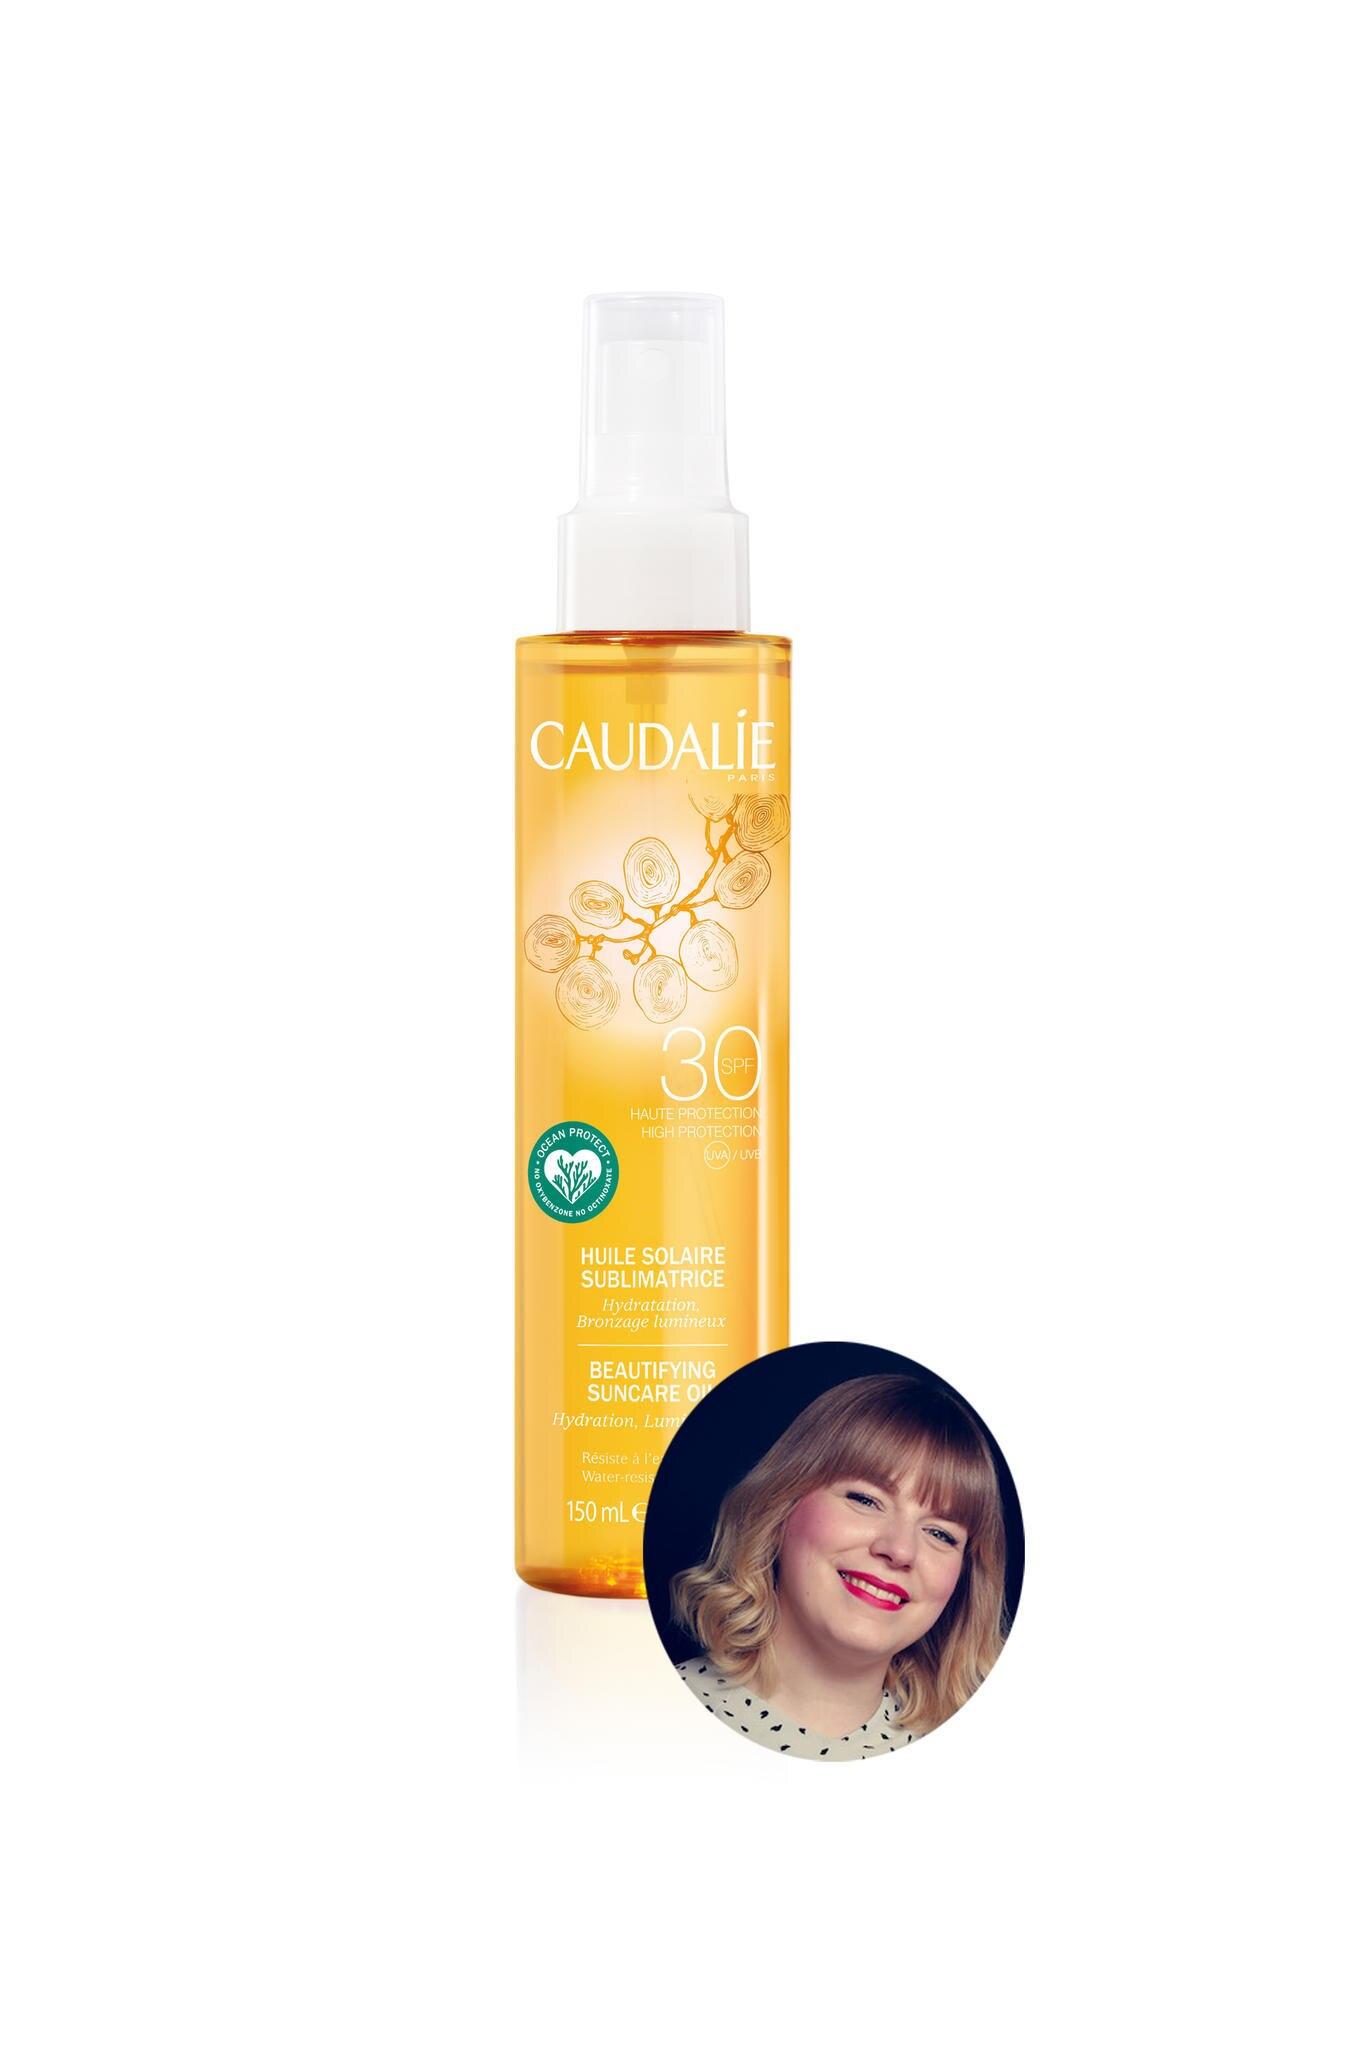 Gut für Haut und Umwelt: Online-Volontärin Julia hat das Gesichtsöl LSF 30 von Claudalie getestet und ist überzeugt.